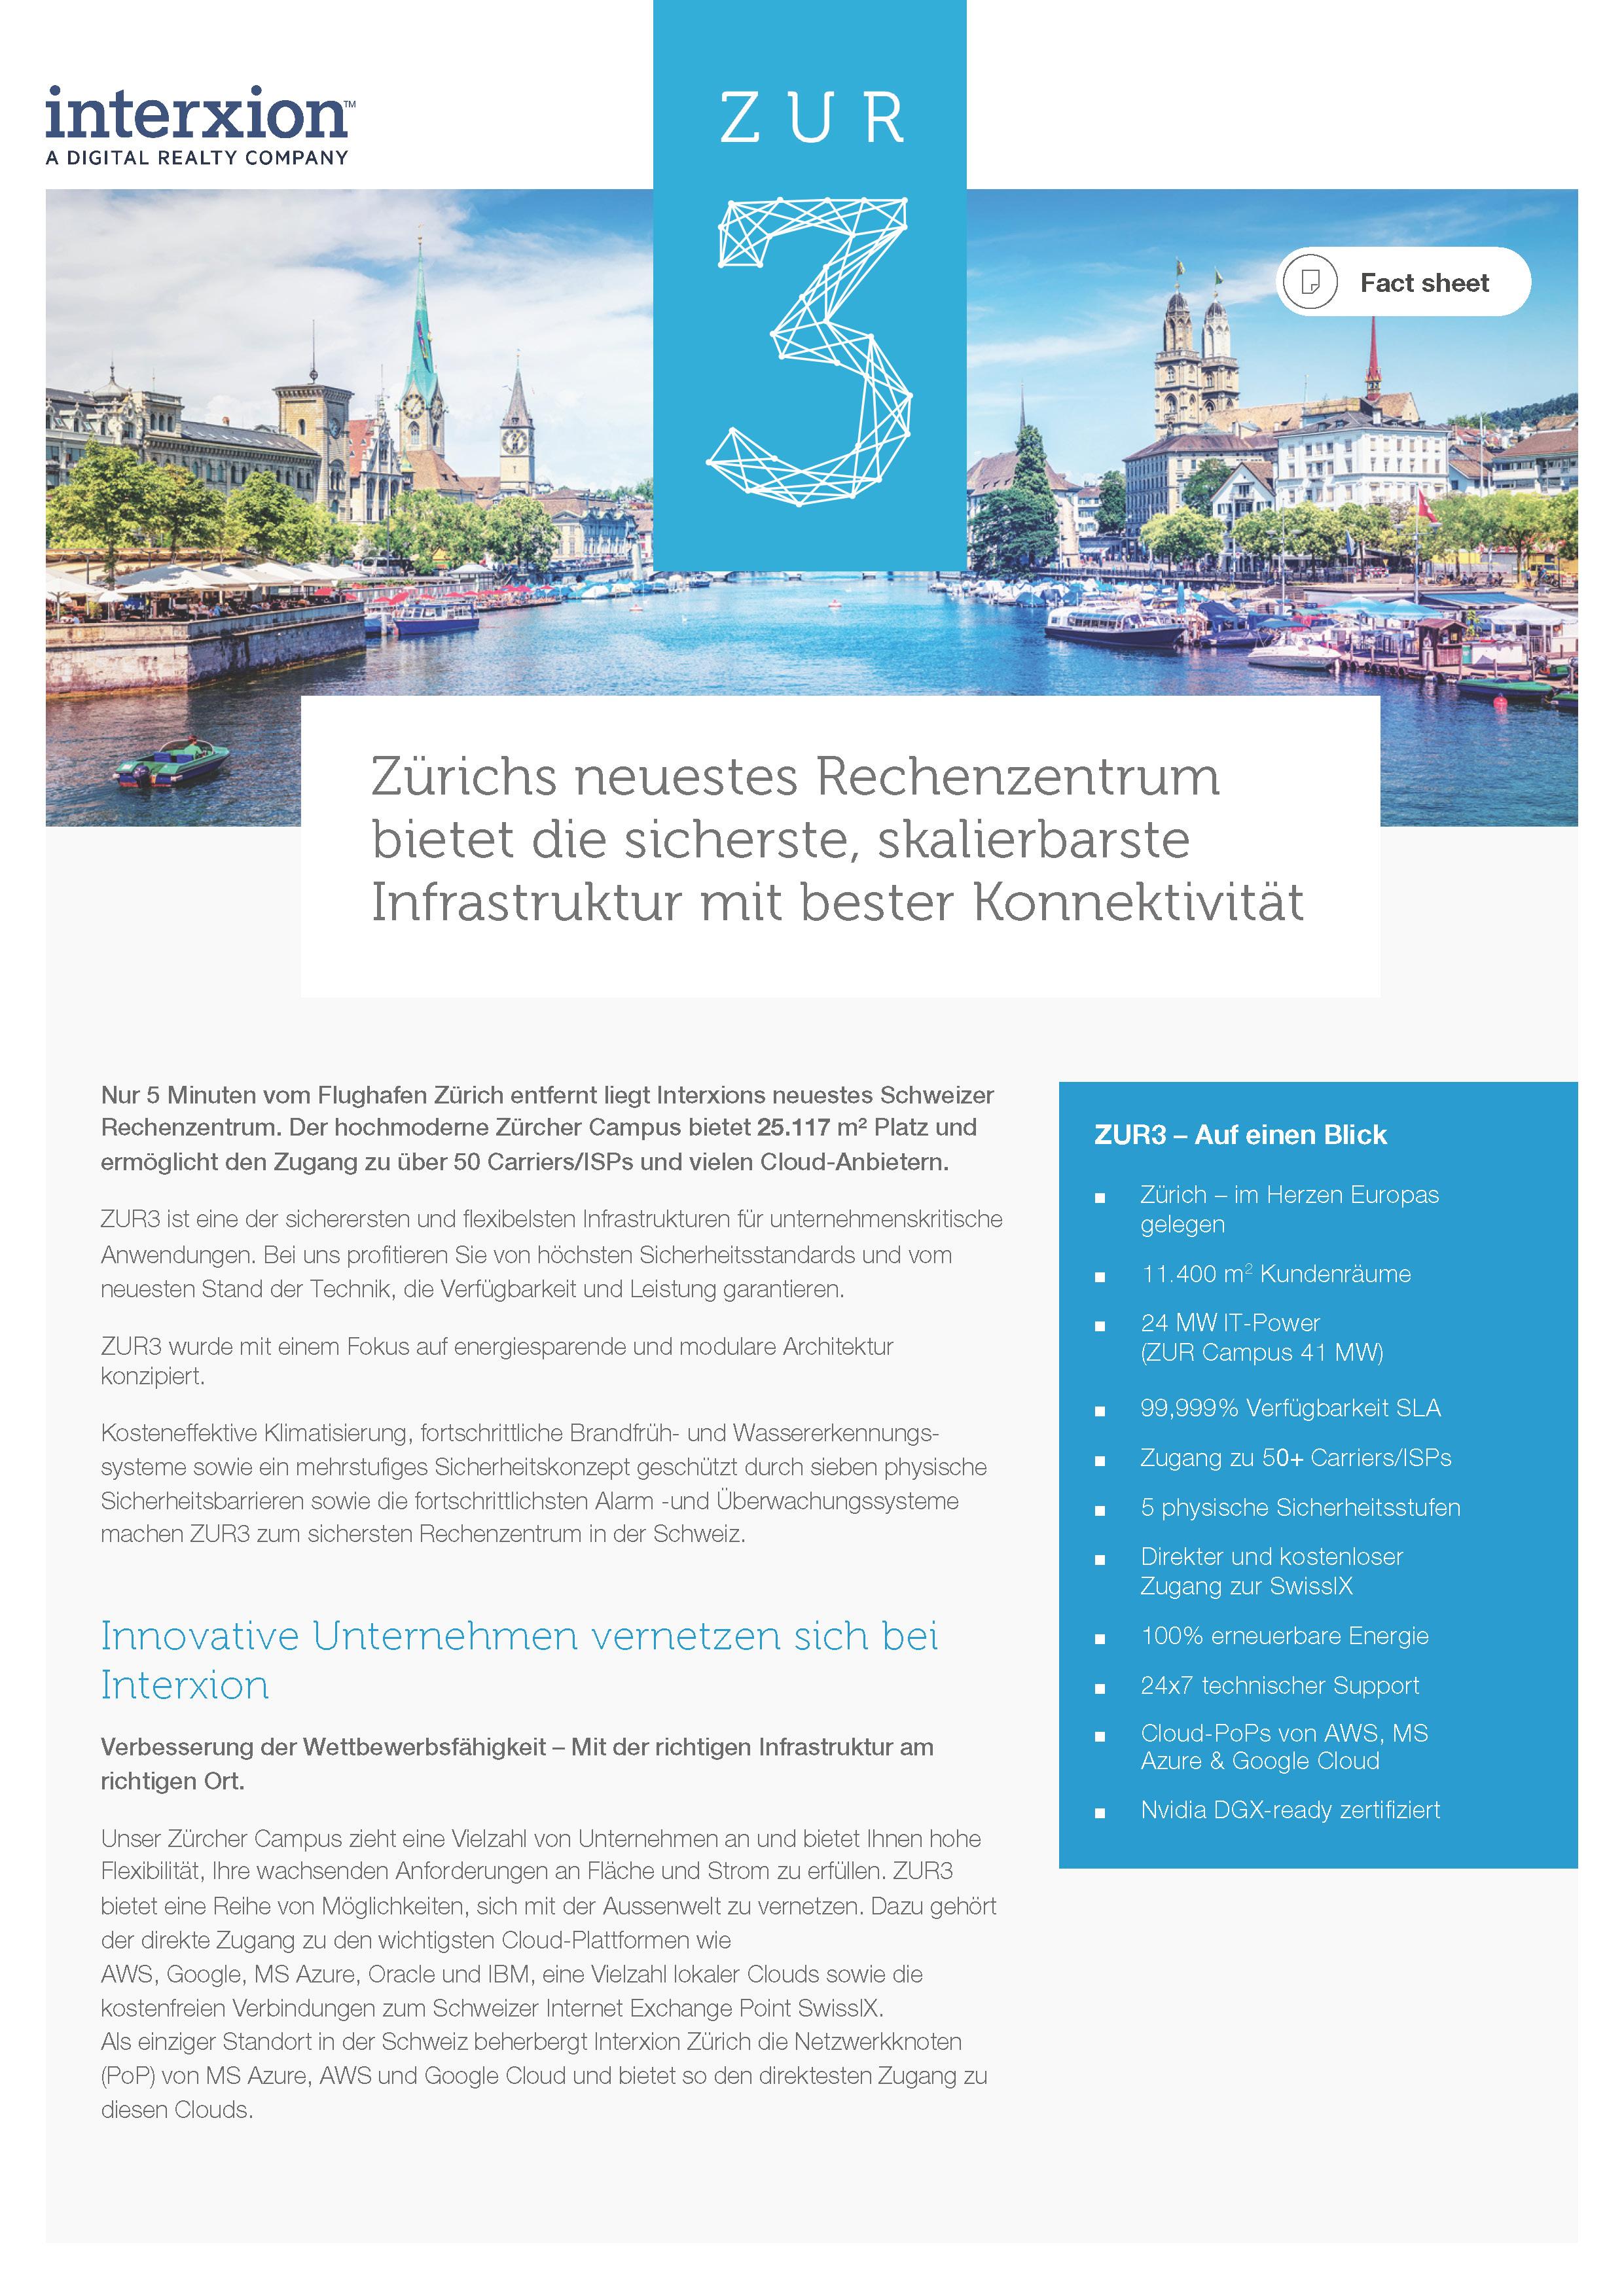 ZUR3 factsheet